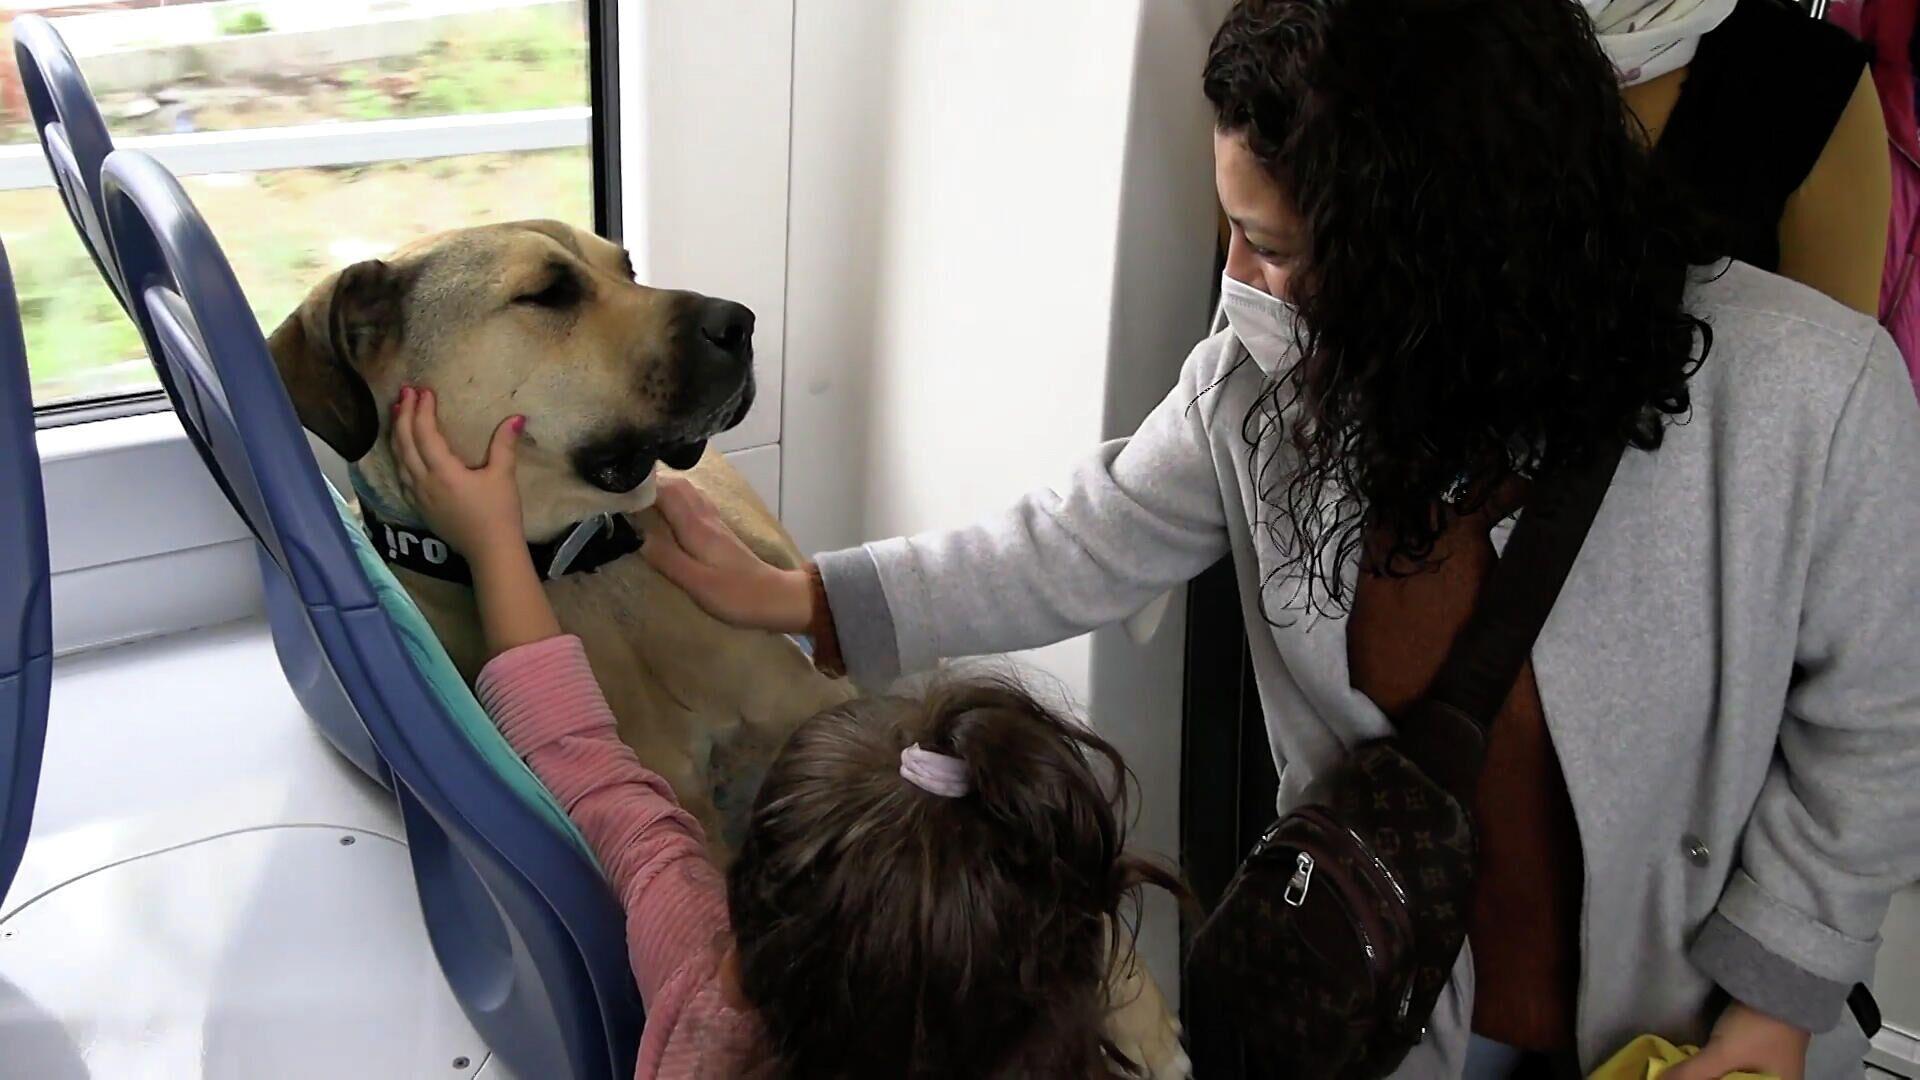 Αδέσποτος σκύλος παίρνει το μετρό για να πάει βόλτα και γίνεται ο καλύτερος φίλος των επιβατών - Sputnik Ελλάδα, 1920, 07.10.2021